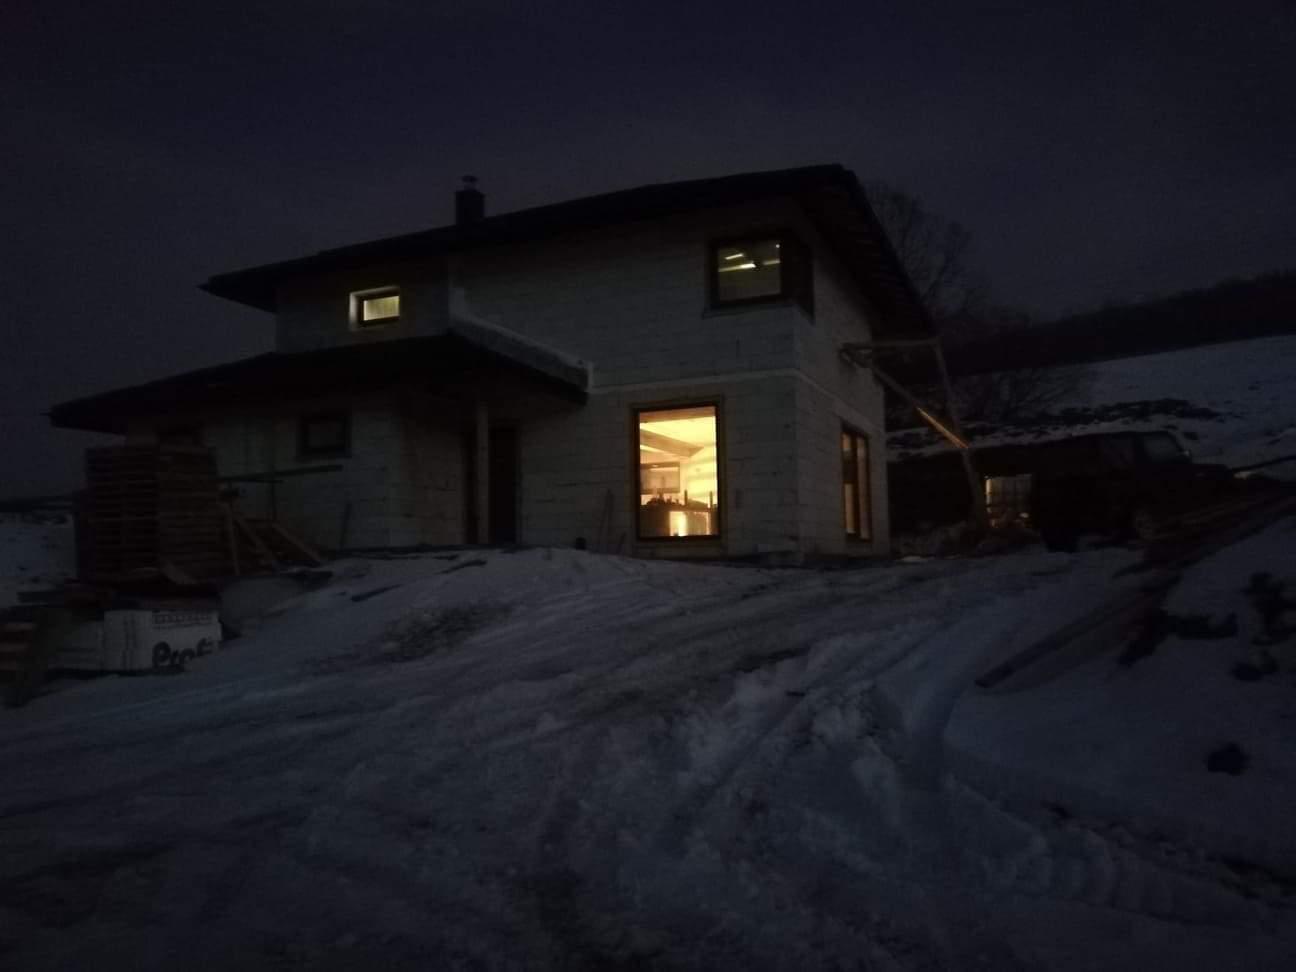 Náš domček ❤️🏡 - Svietime halogénmi a môžme makať aj po tme.